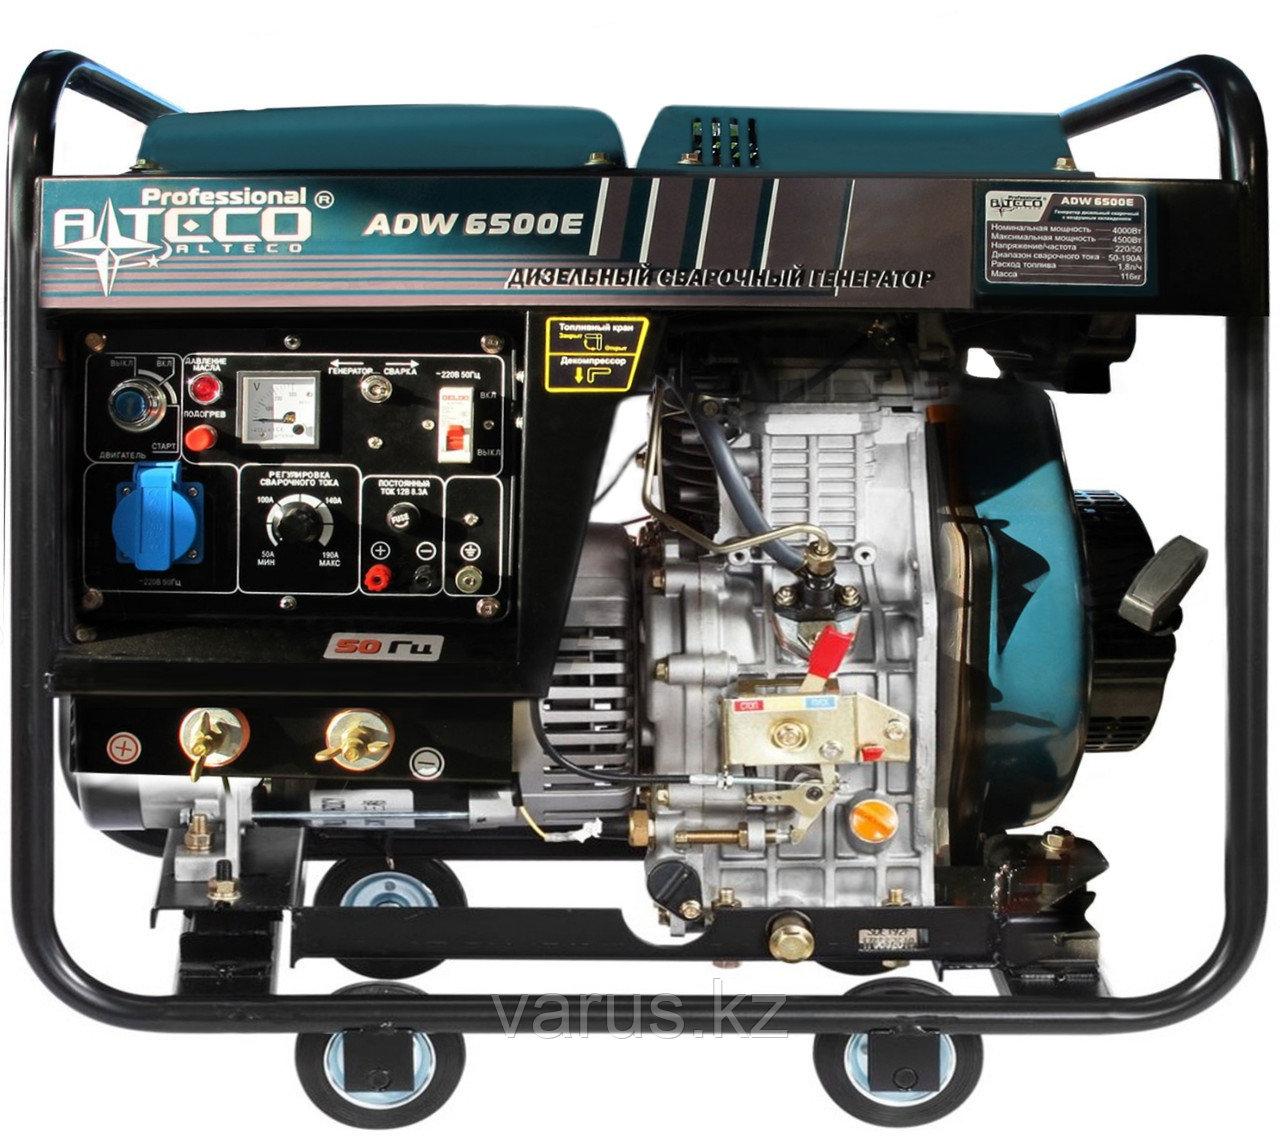 Дизельный генератор сварочный Alteco Profesional  ADW-180E (6500Е)